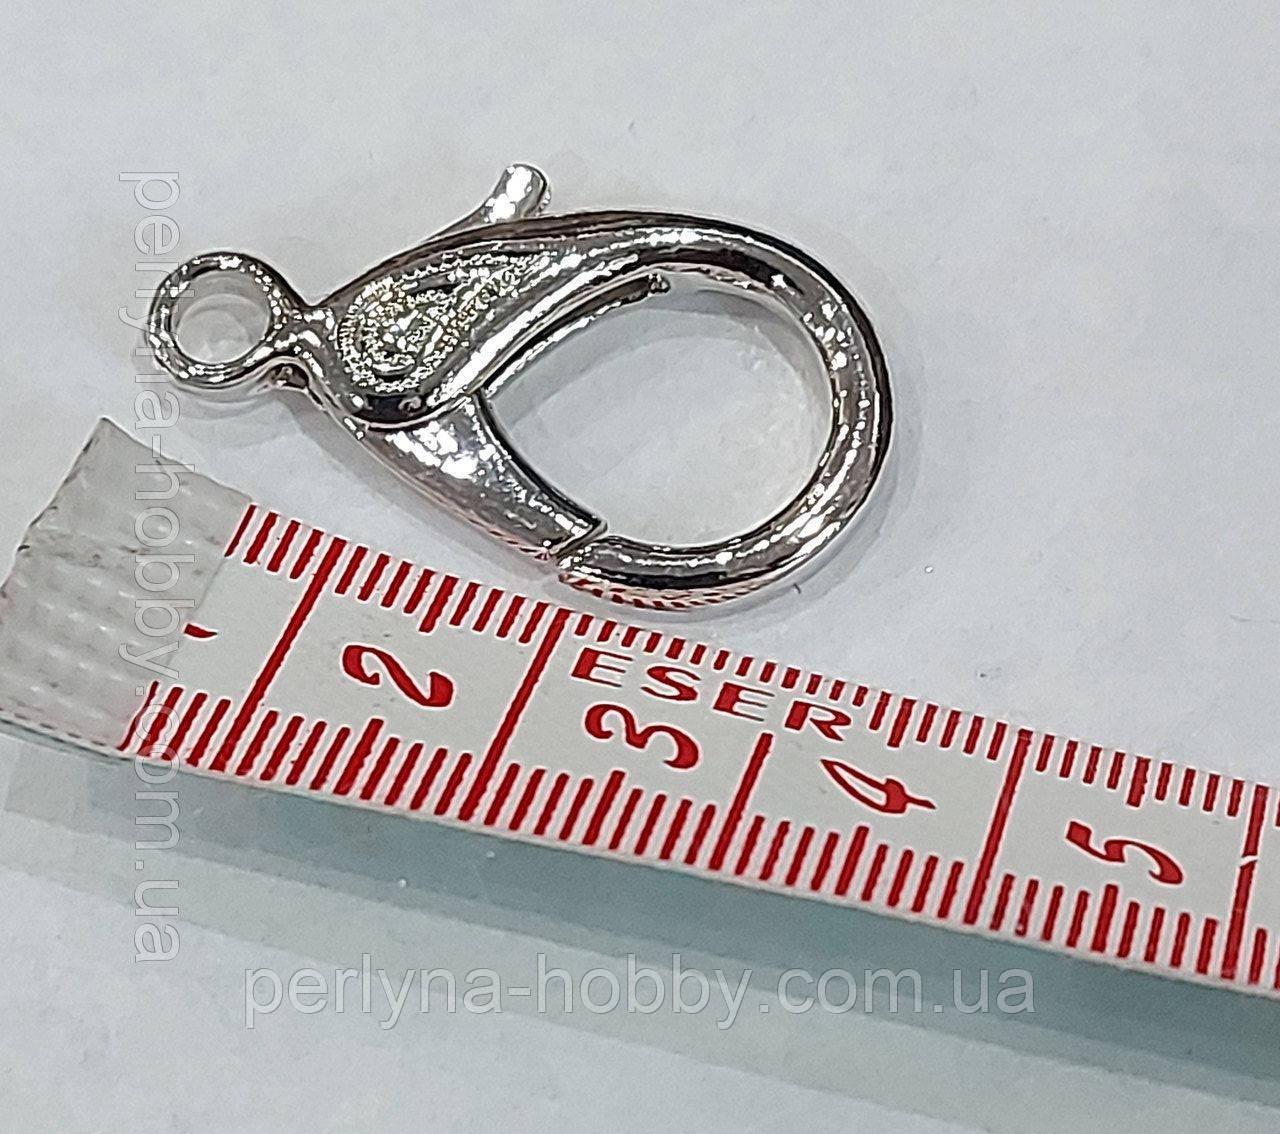 """Застібка карабін """"Сердечко"""", 32 мм. нікель-платина"""